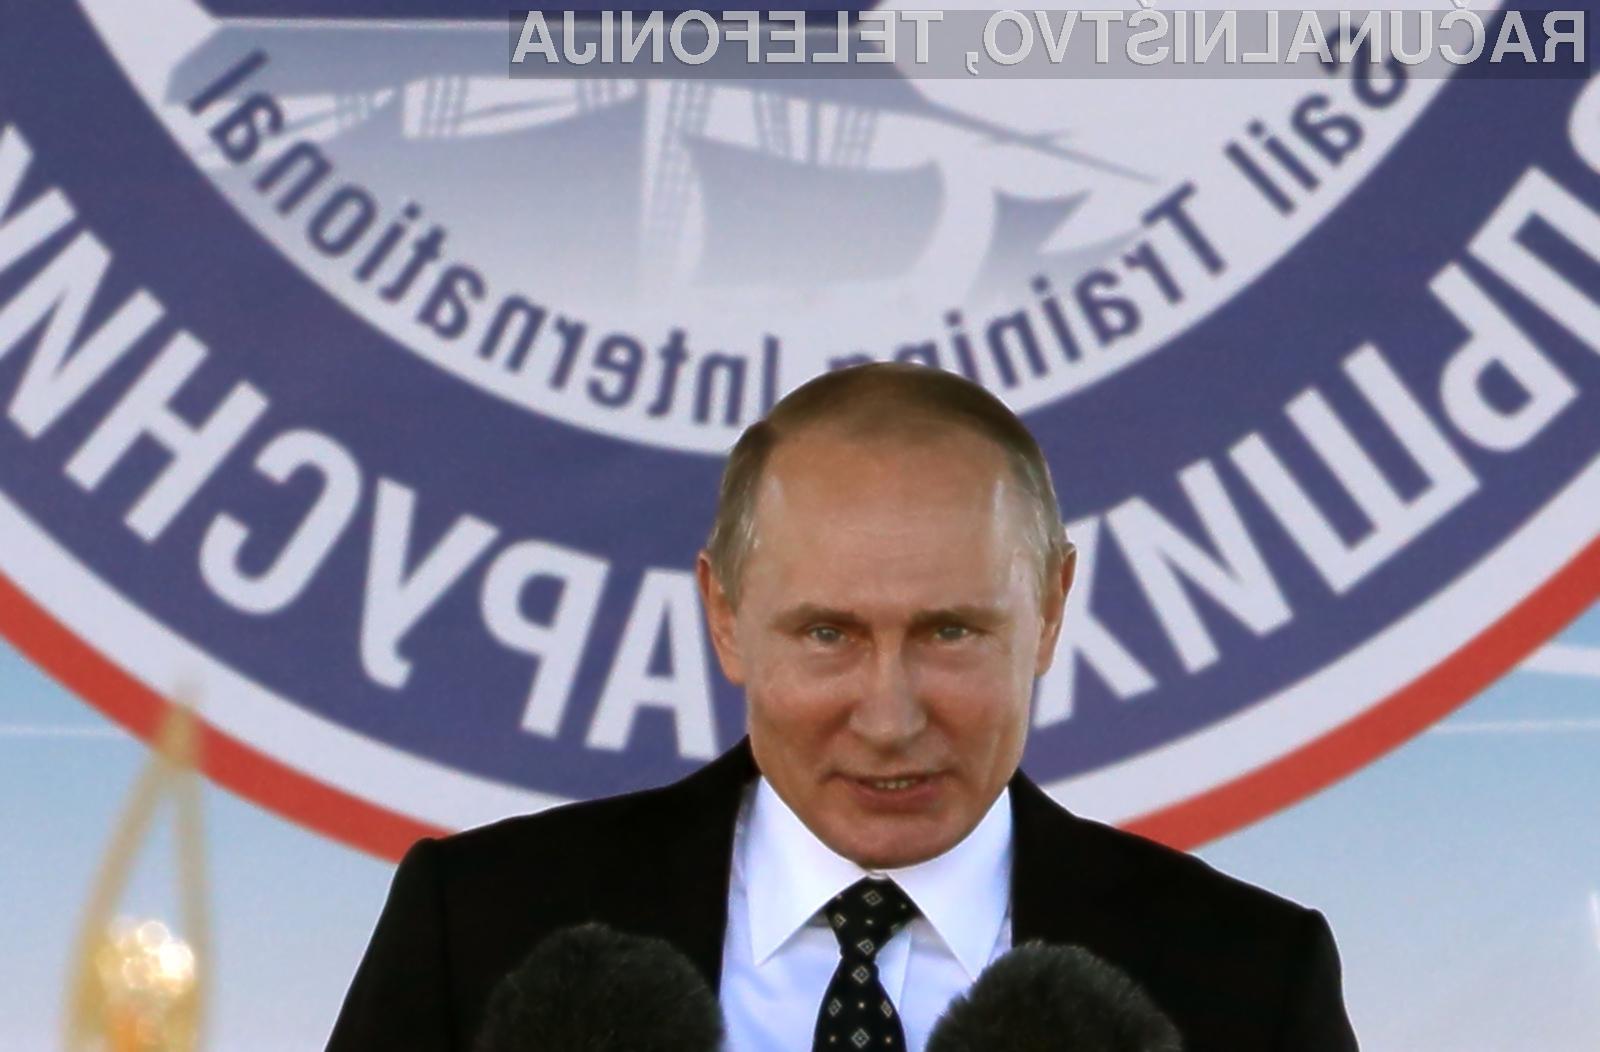 Ruska vlada za elektronsko pošto ne bo več uporabljala Microsoftove programske opreme!